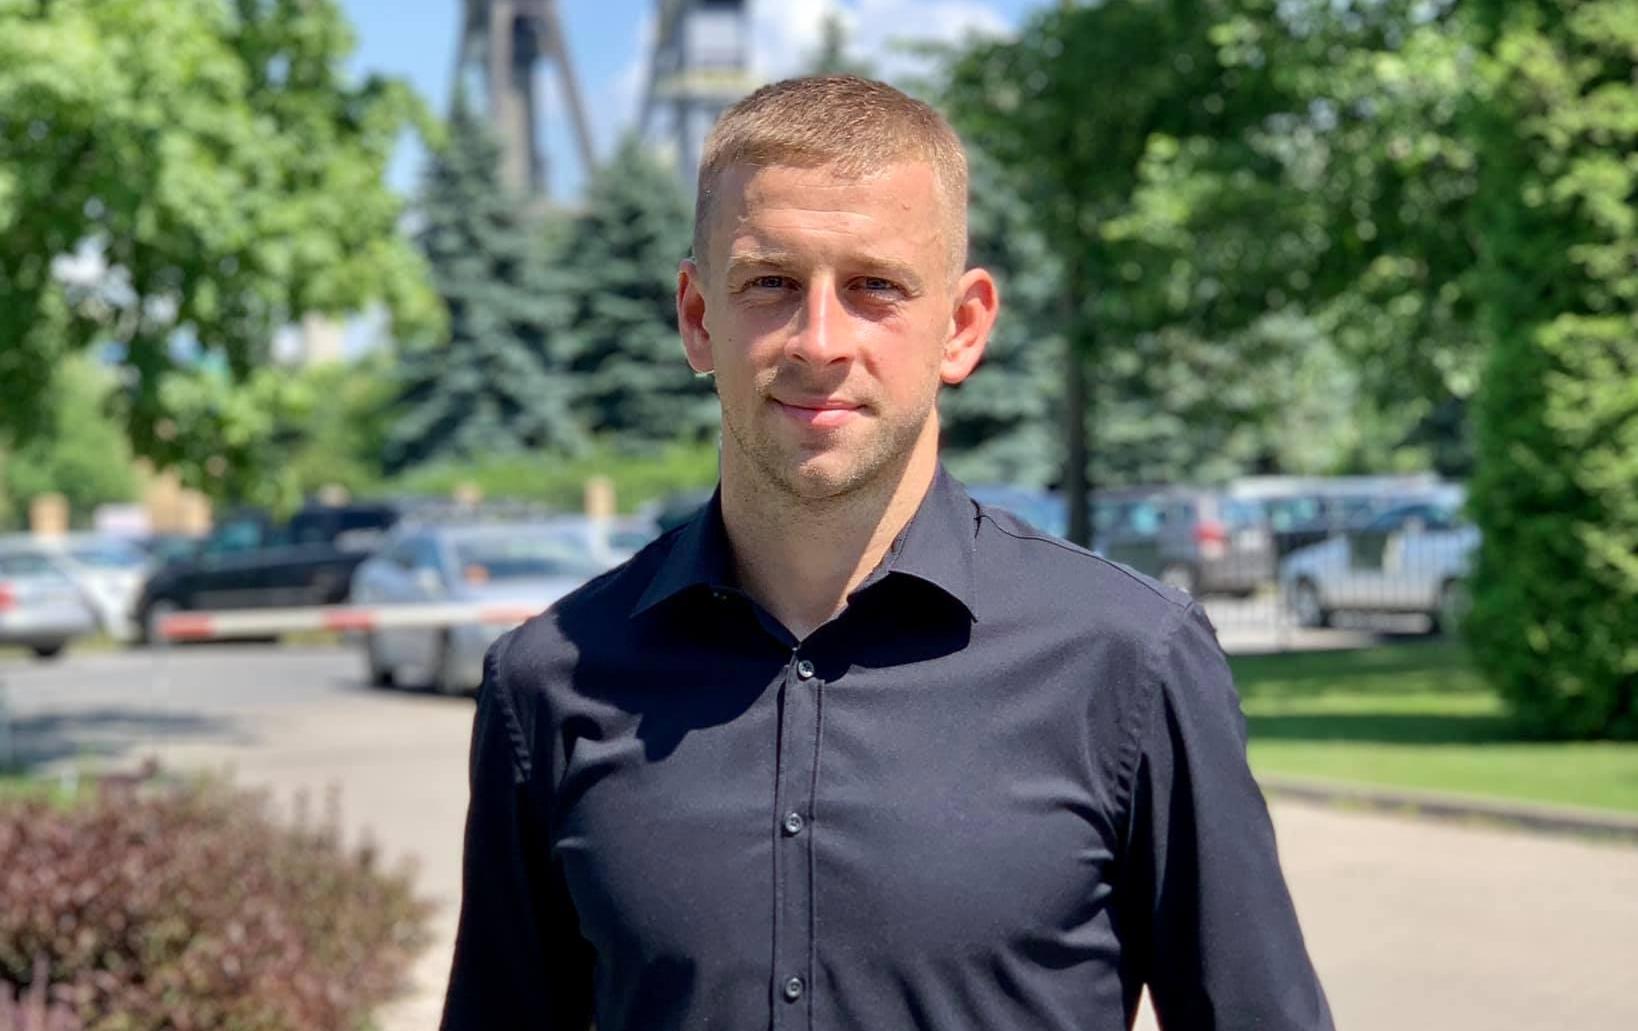 Janusz Gol zagra w Górniku Łęczna. Były reprezentant Polski zasili drugą linię zielono-czarnych - Zdjęcie główne